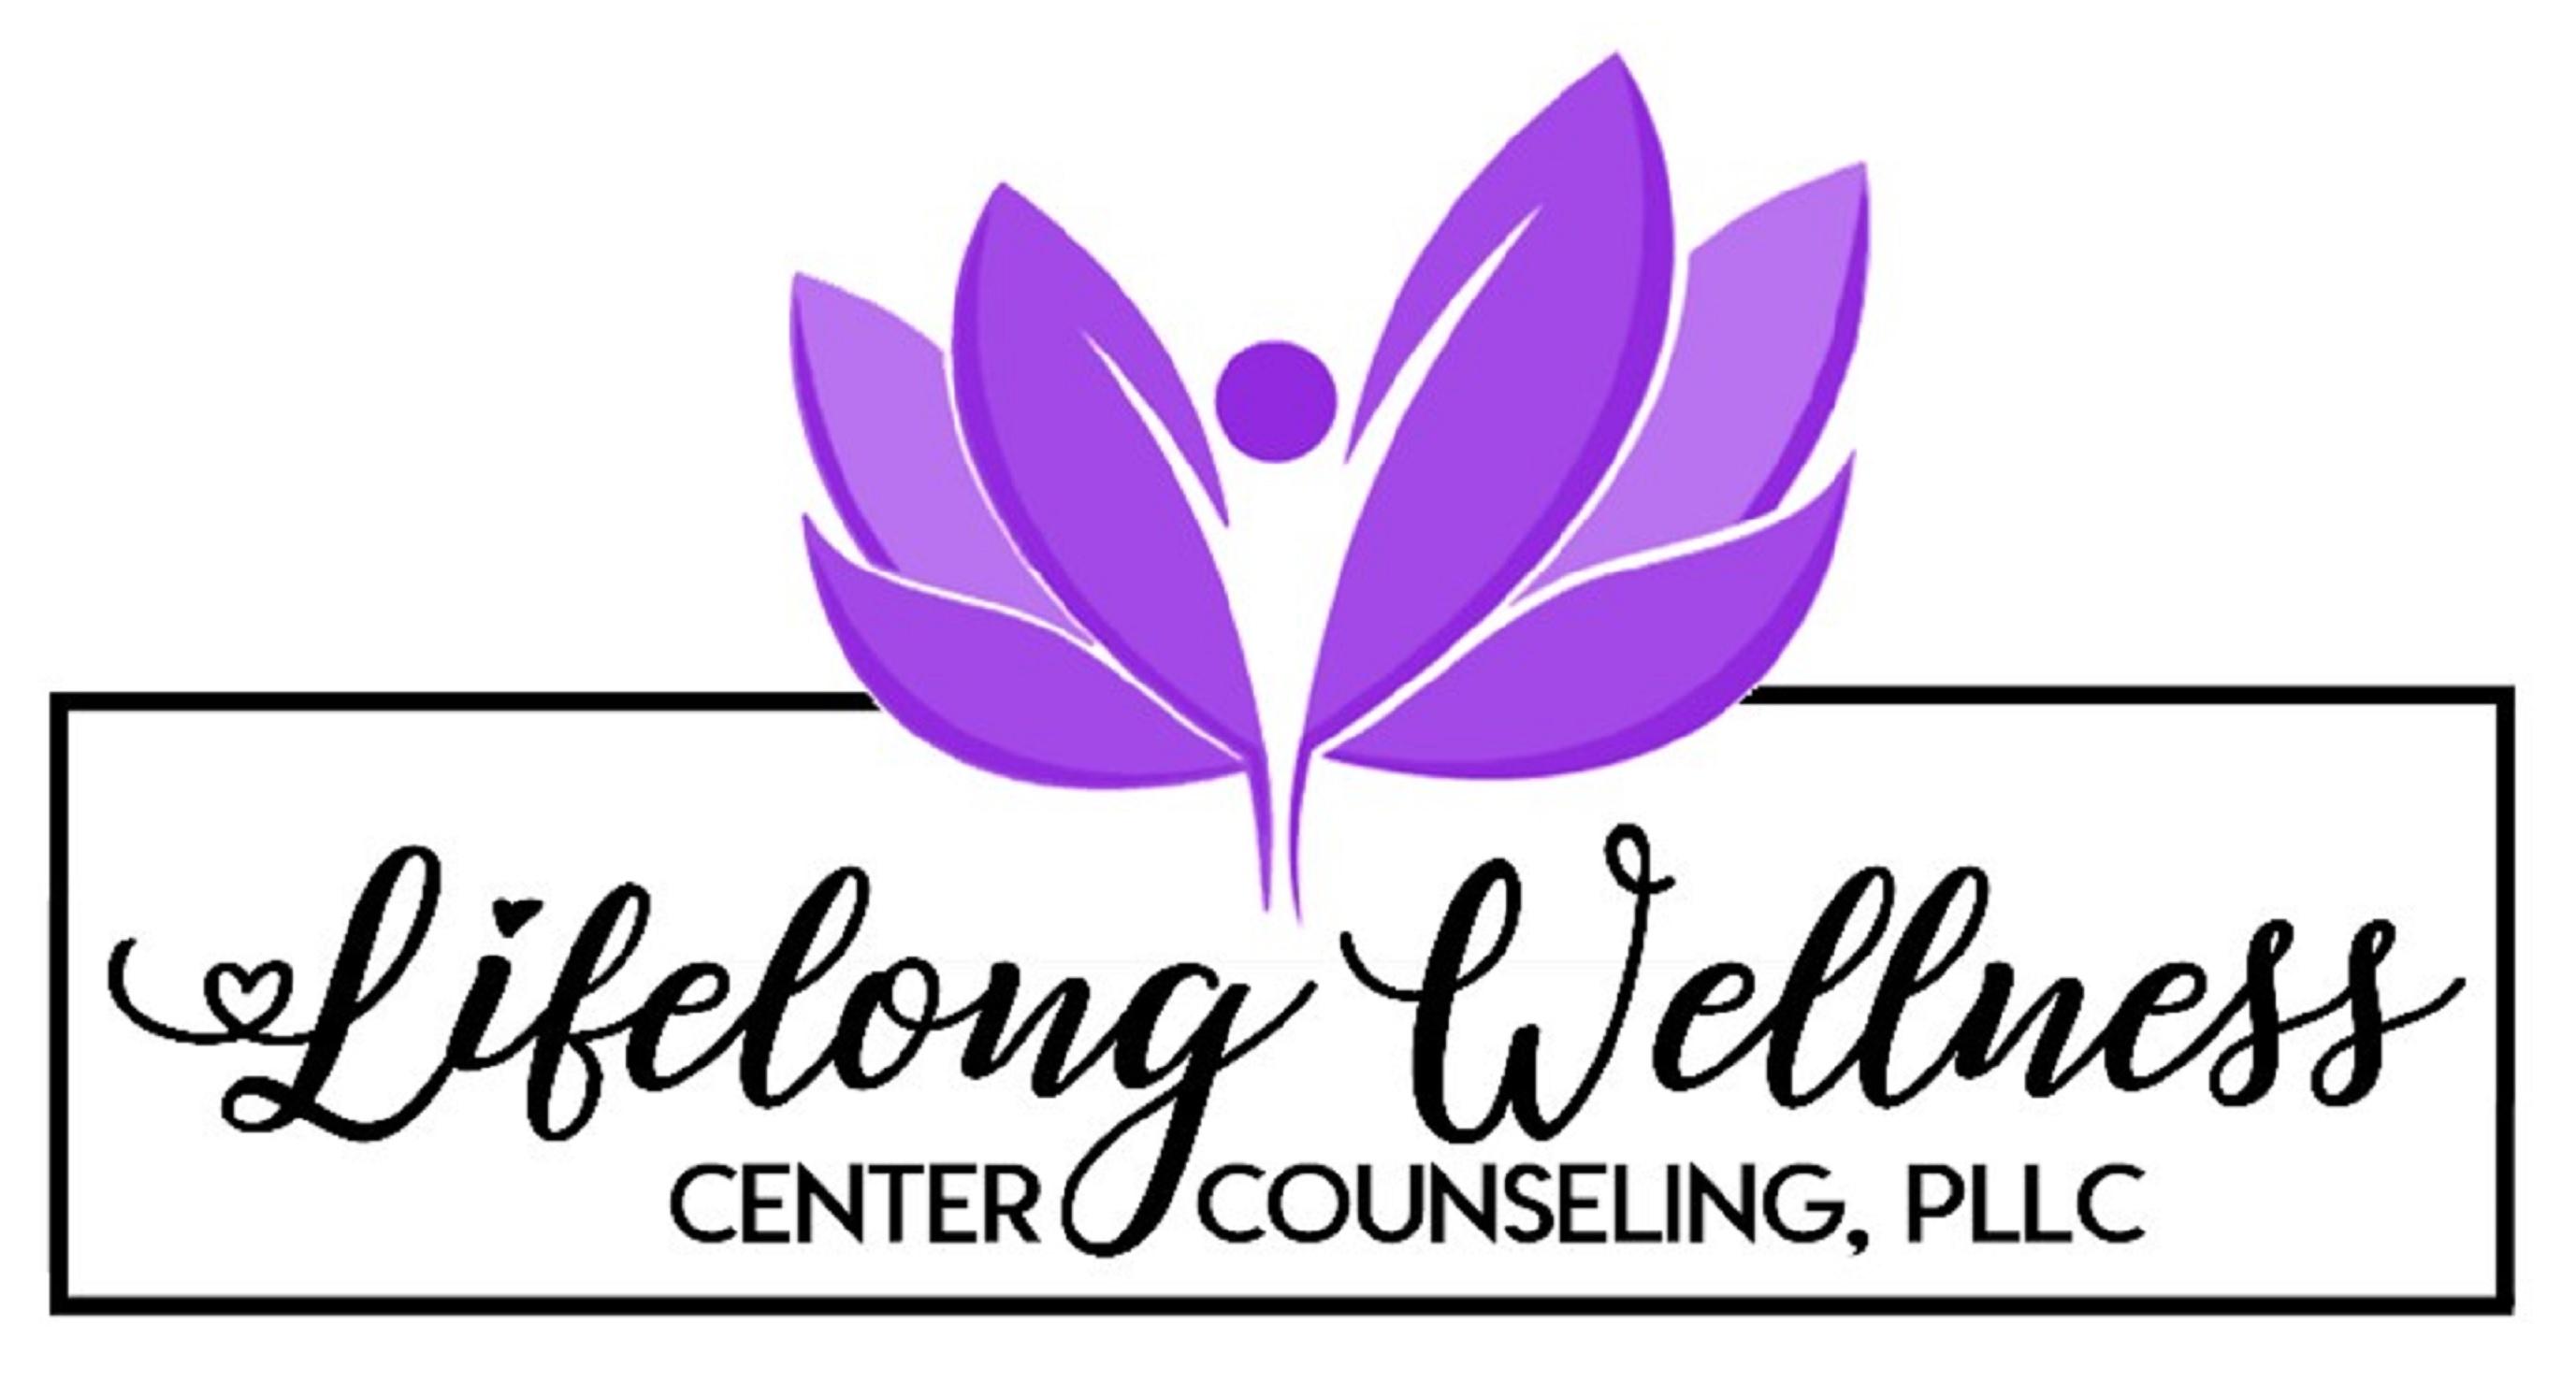 Lifelong Wellness Center Counseling, PLLC